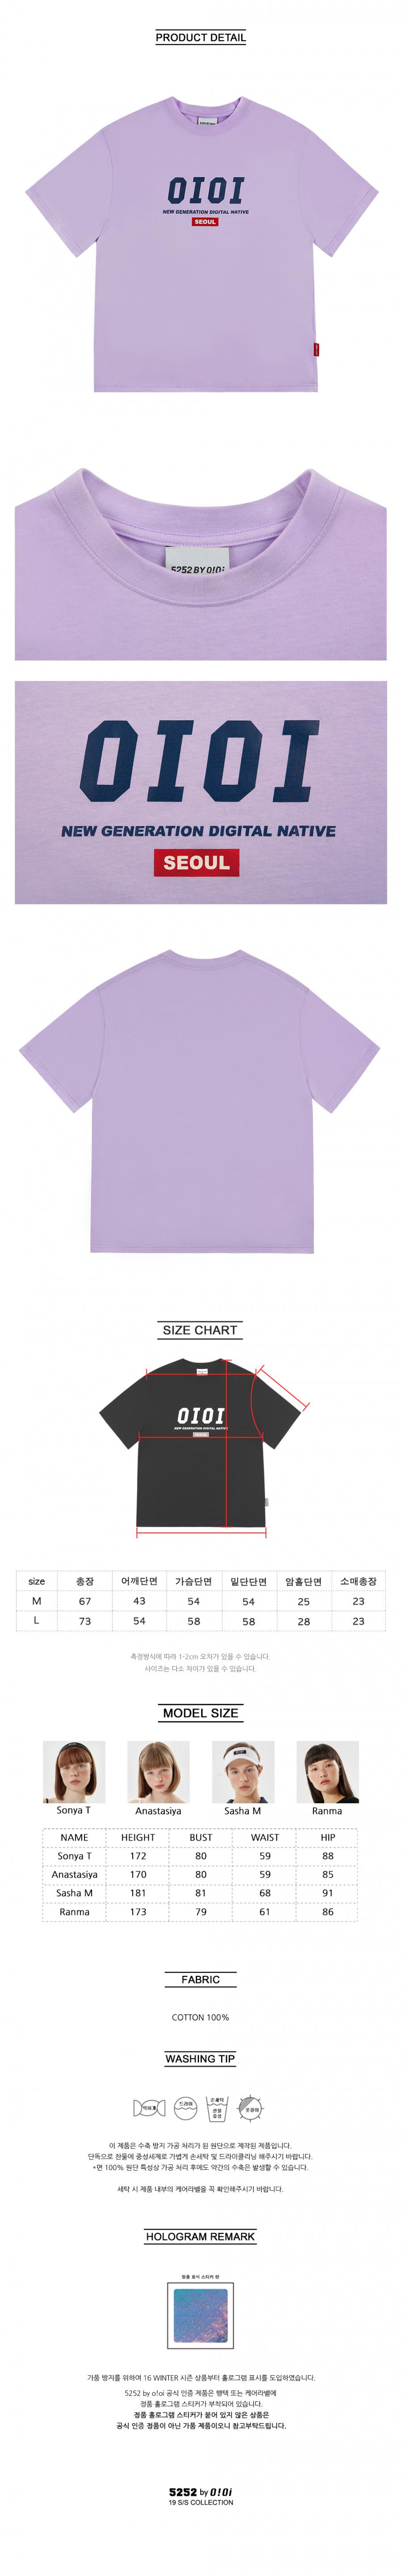 5252 바이 오아이오아이(5252BYOIOI) 2019 SIGNATURE T-SHIRTS_light purple